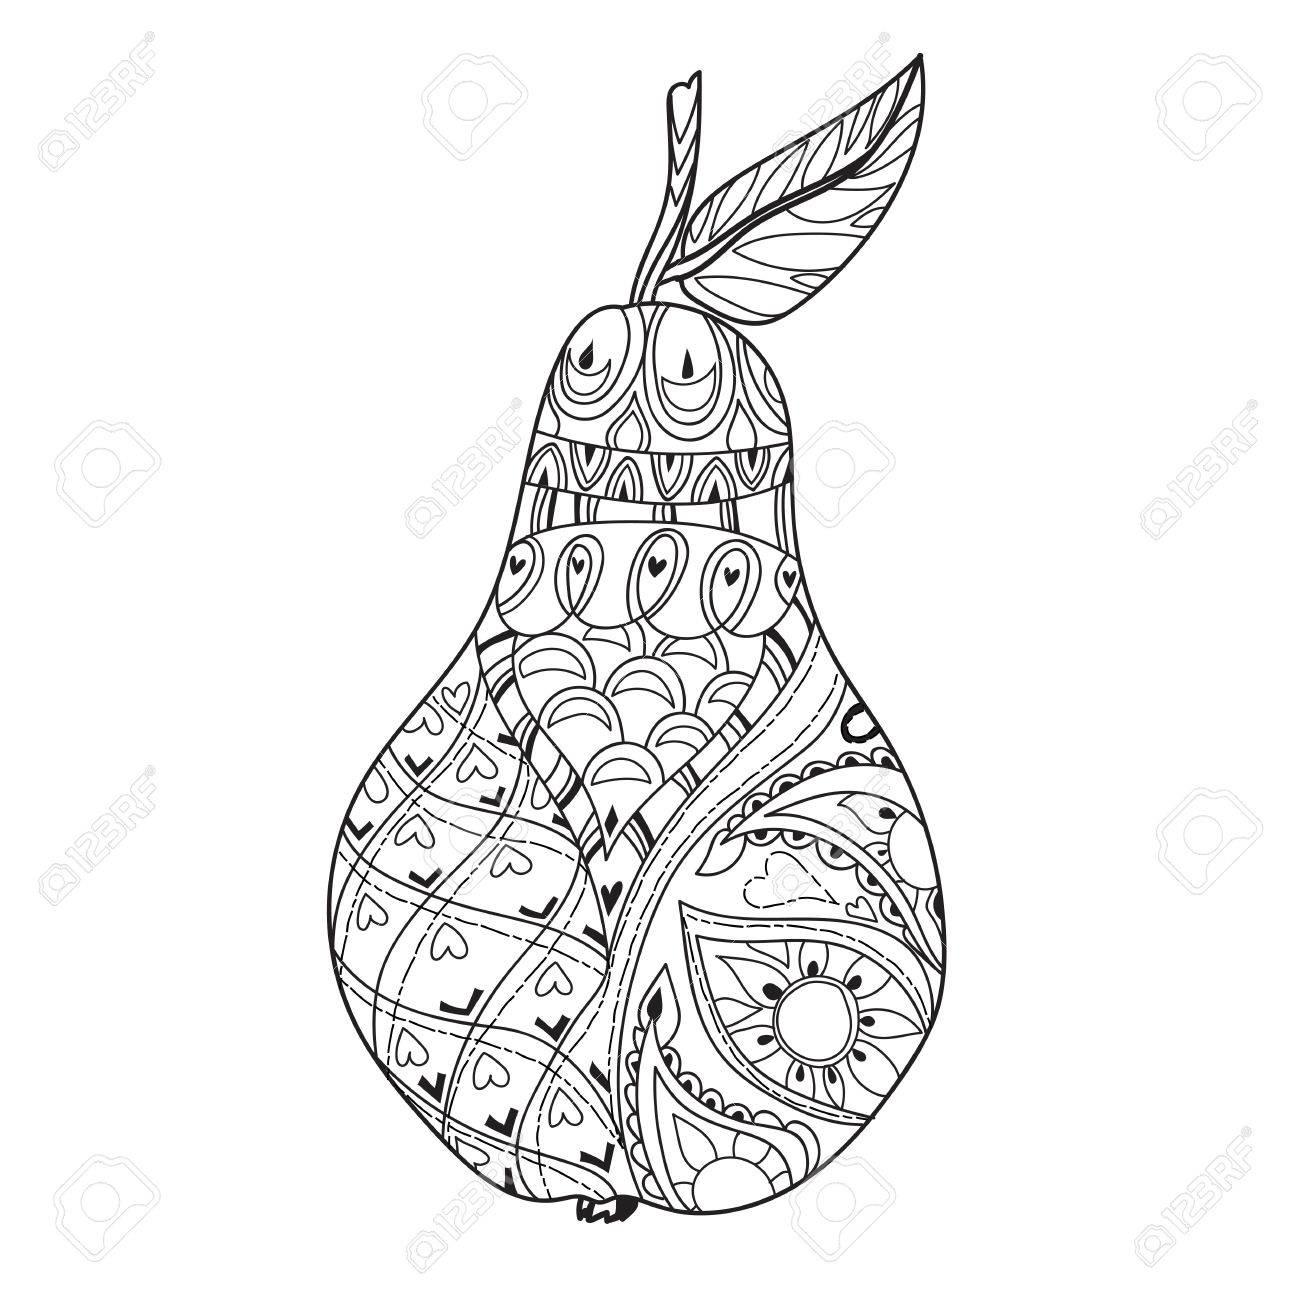 La Miel De Pera Doodle De .Hand Dibuja Ilustración Vectorial. Boceto ...